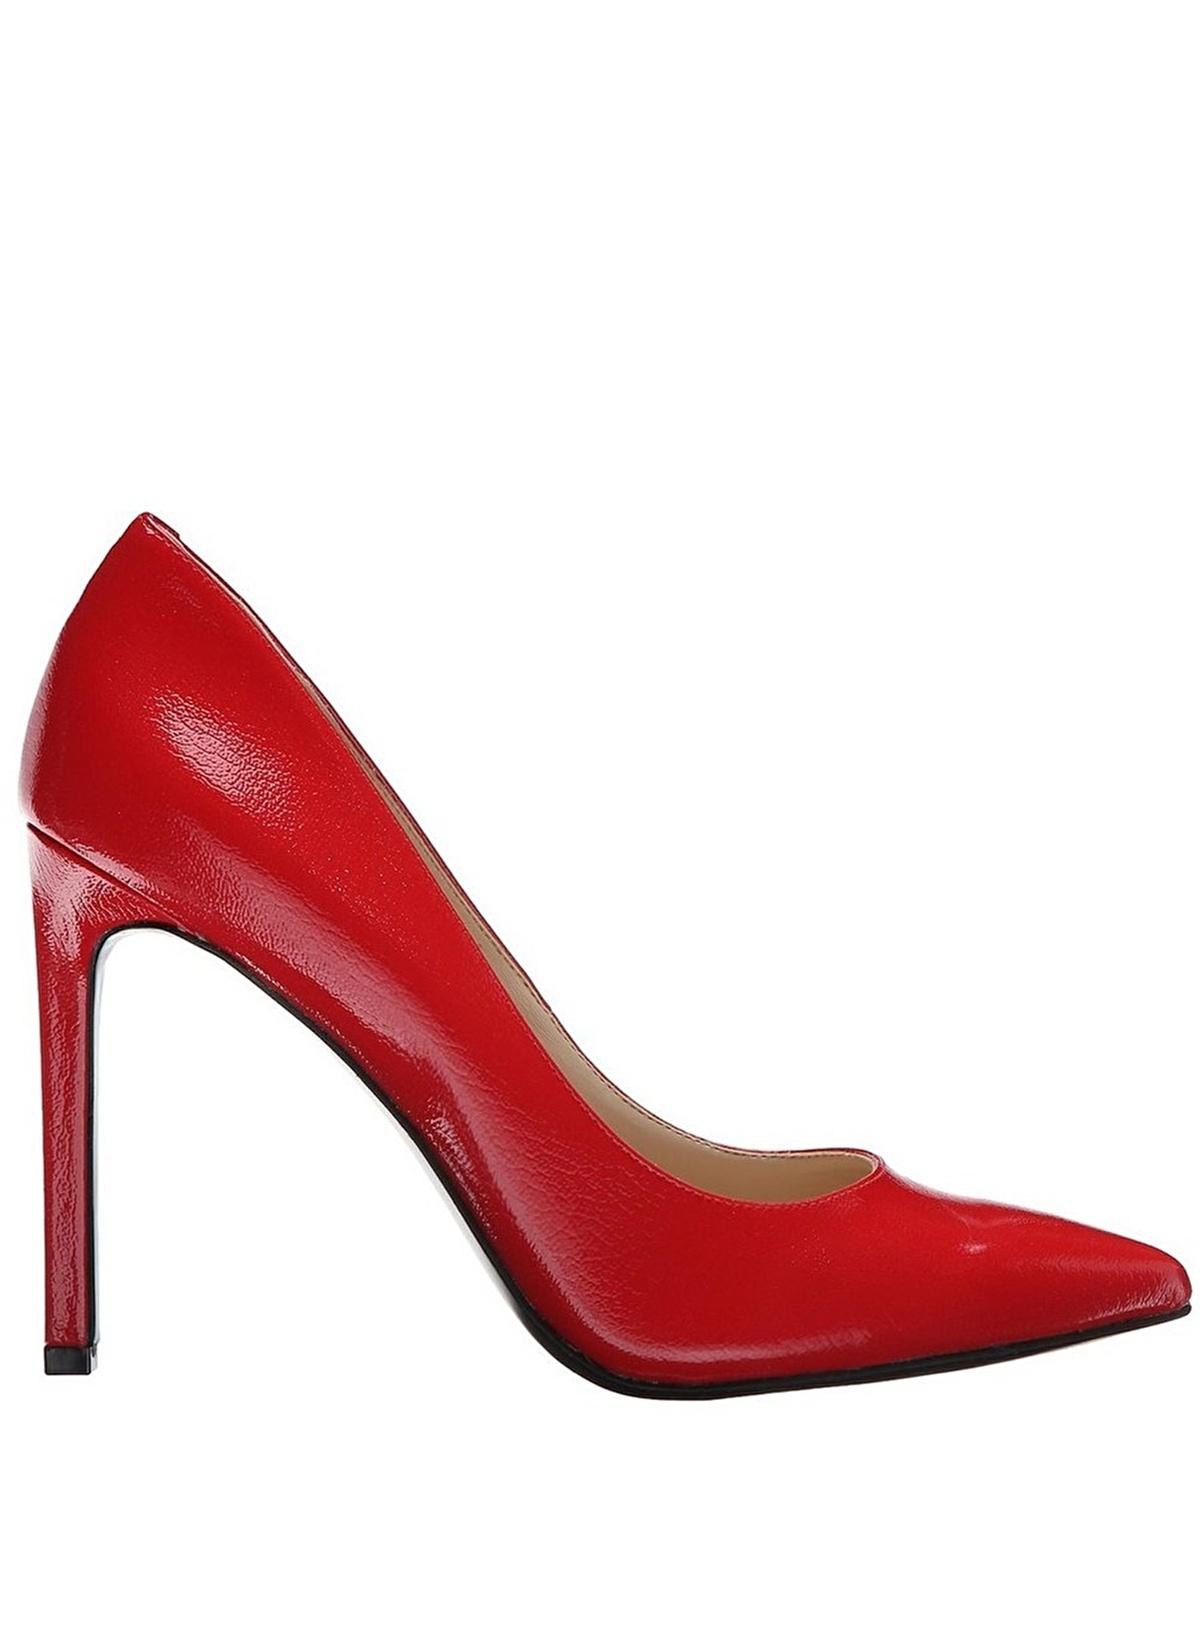 52197b7be161f Nine West Kadın Stiletto Ayakkabı Kırmızı Suni Deri | Morhipo | 17654081